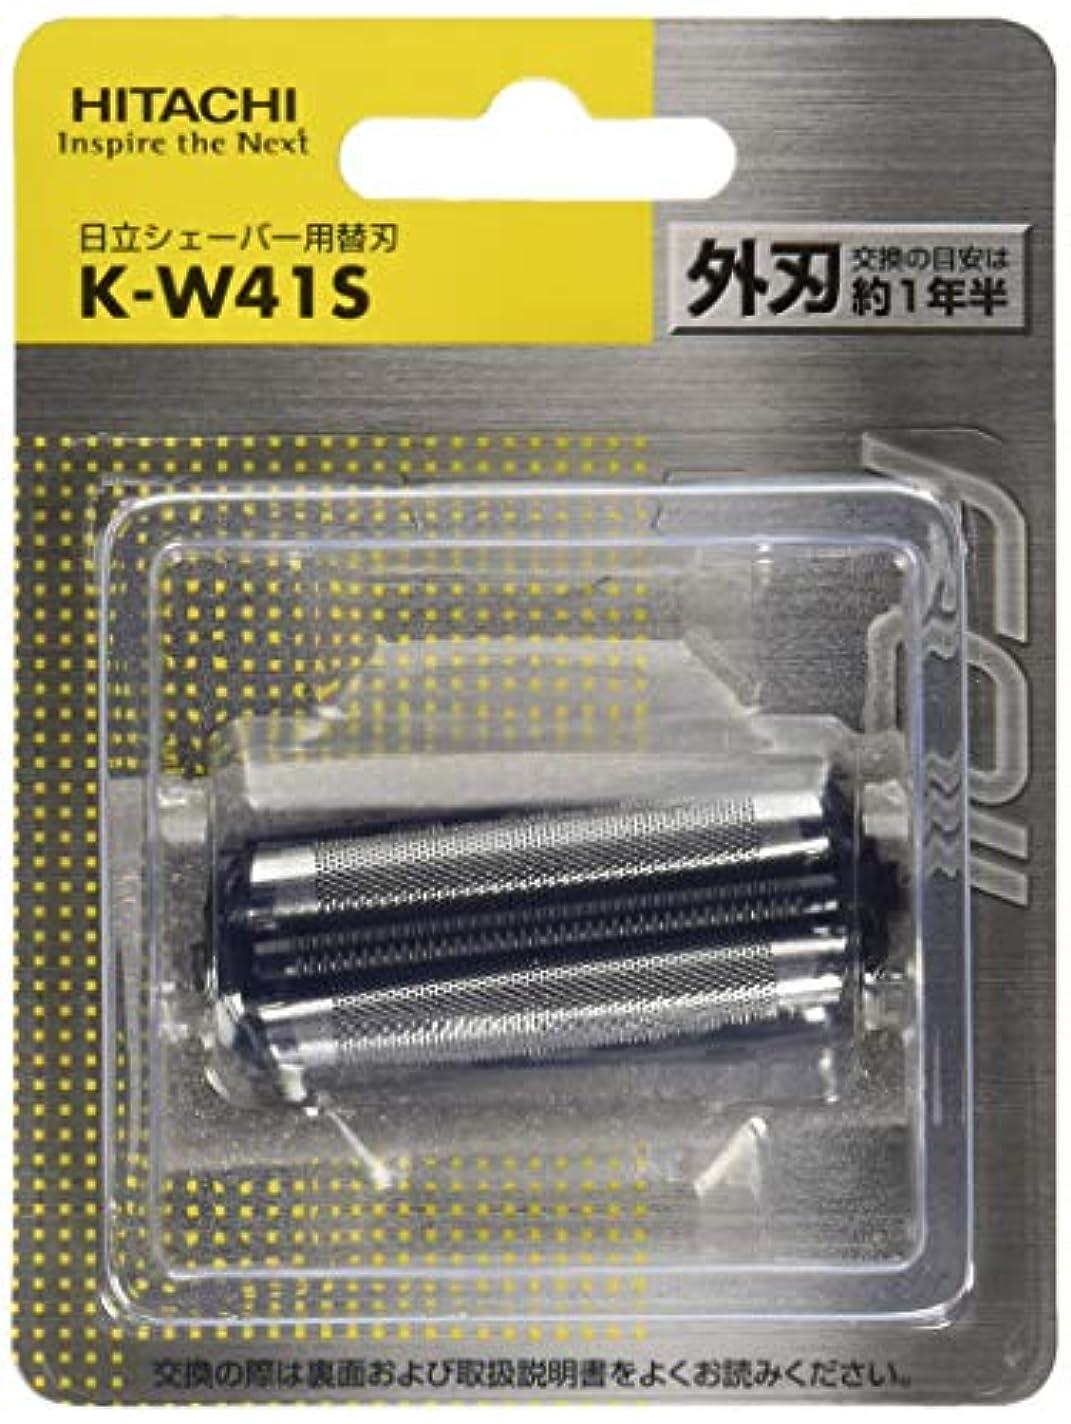 壁聴覚インサート日立 シェーバー用替刃(外刃) K-W41S